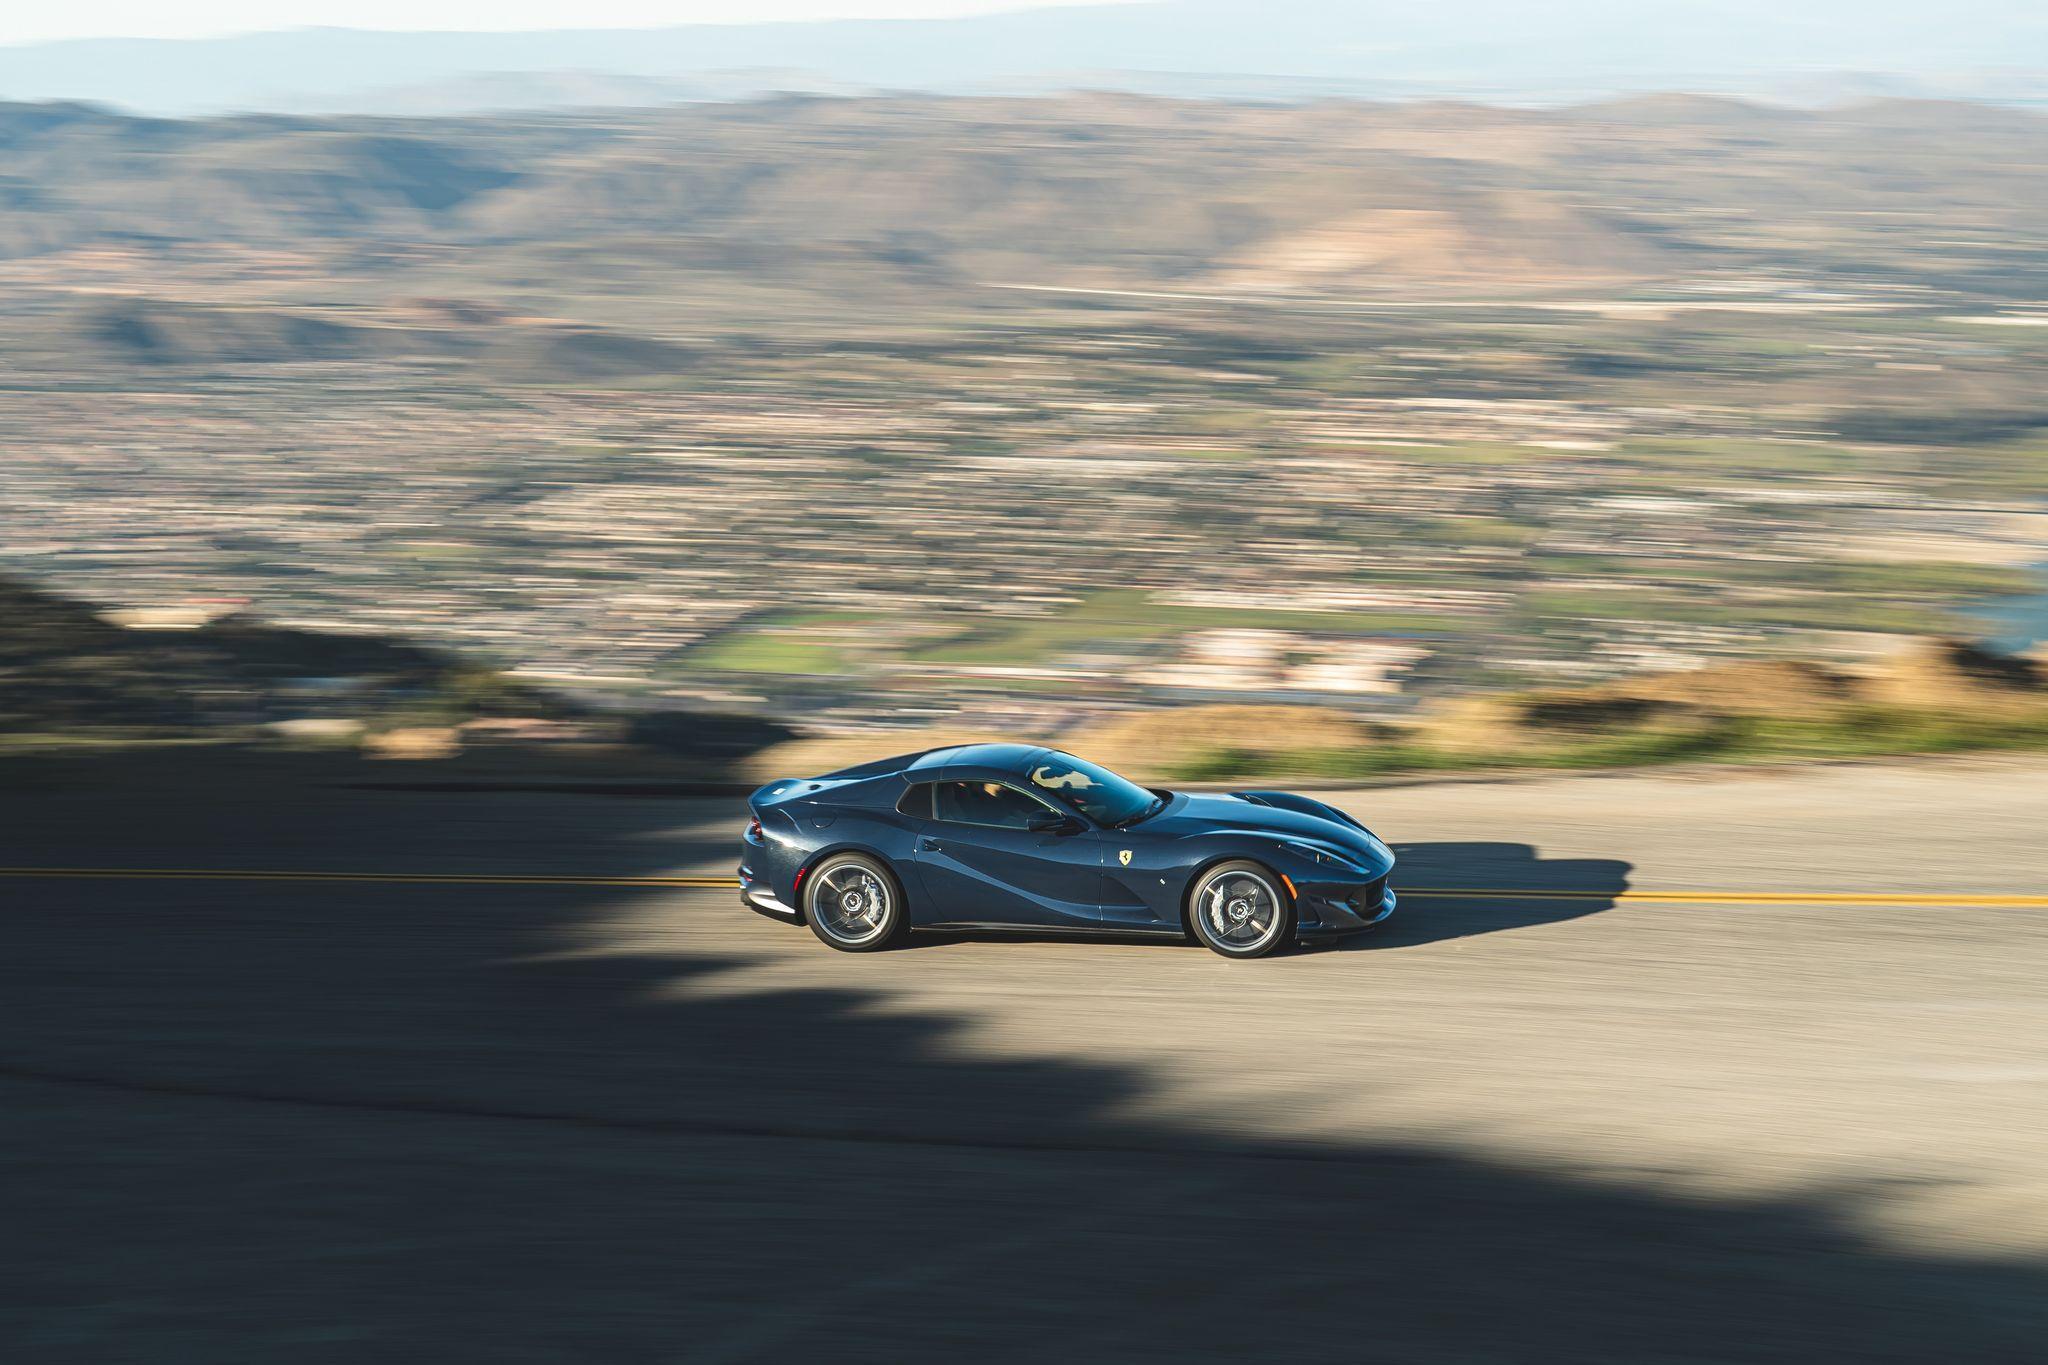 فراری 812 GTS 2021  با قدرتی فوق العاده رونمایی شد